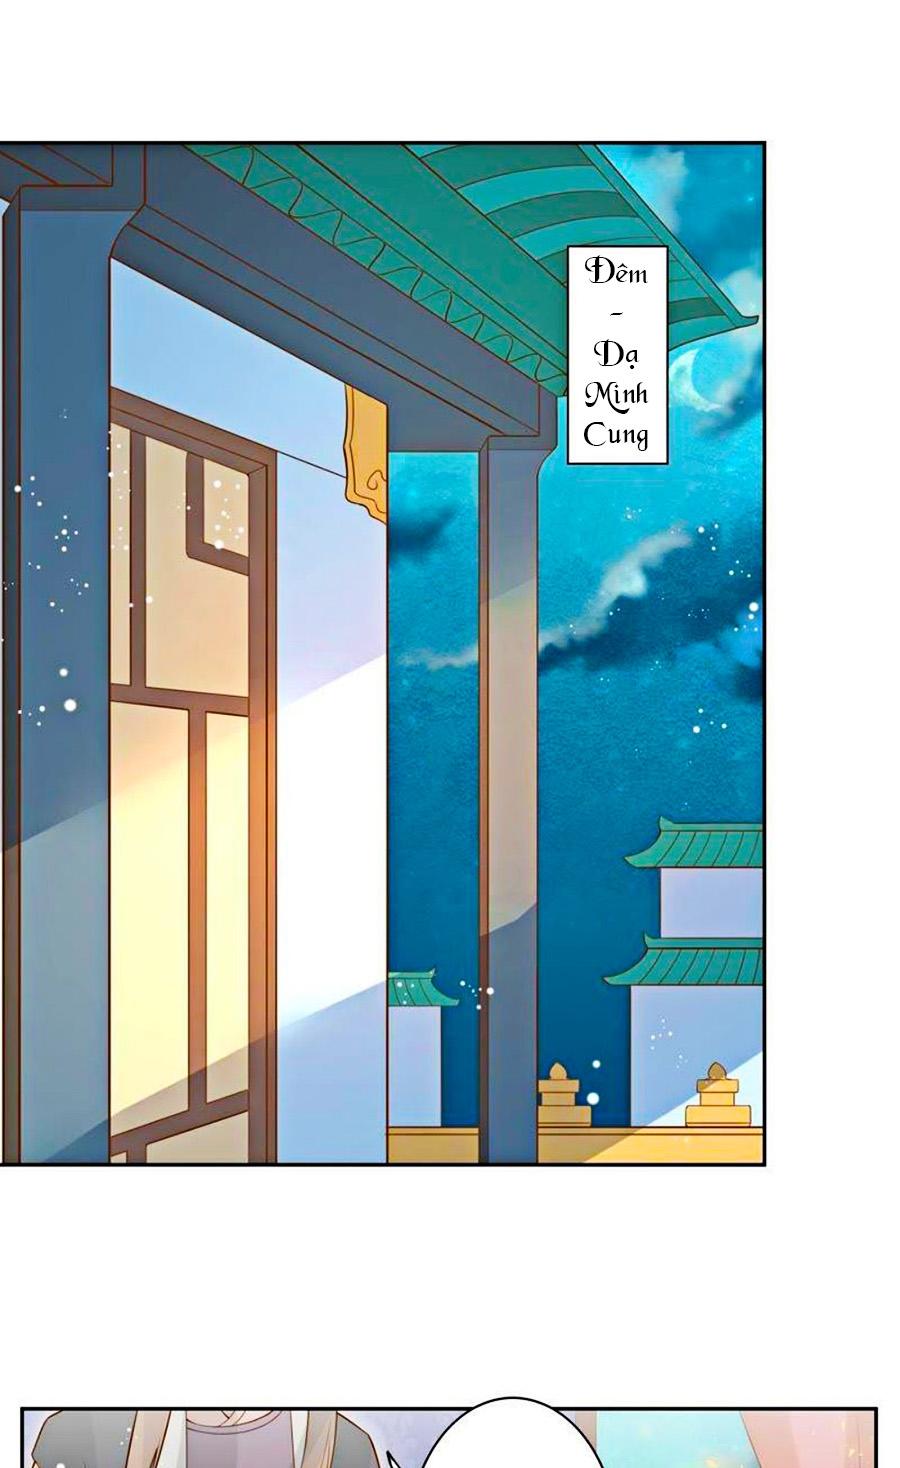 Thanh Khâu Nữ Đế: Phu Quân Muốn Tạo Phản chap 117 - Trang 14